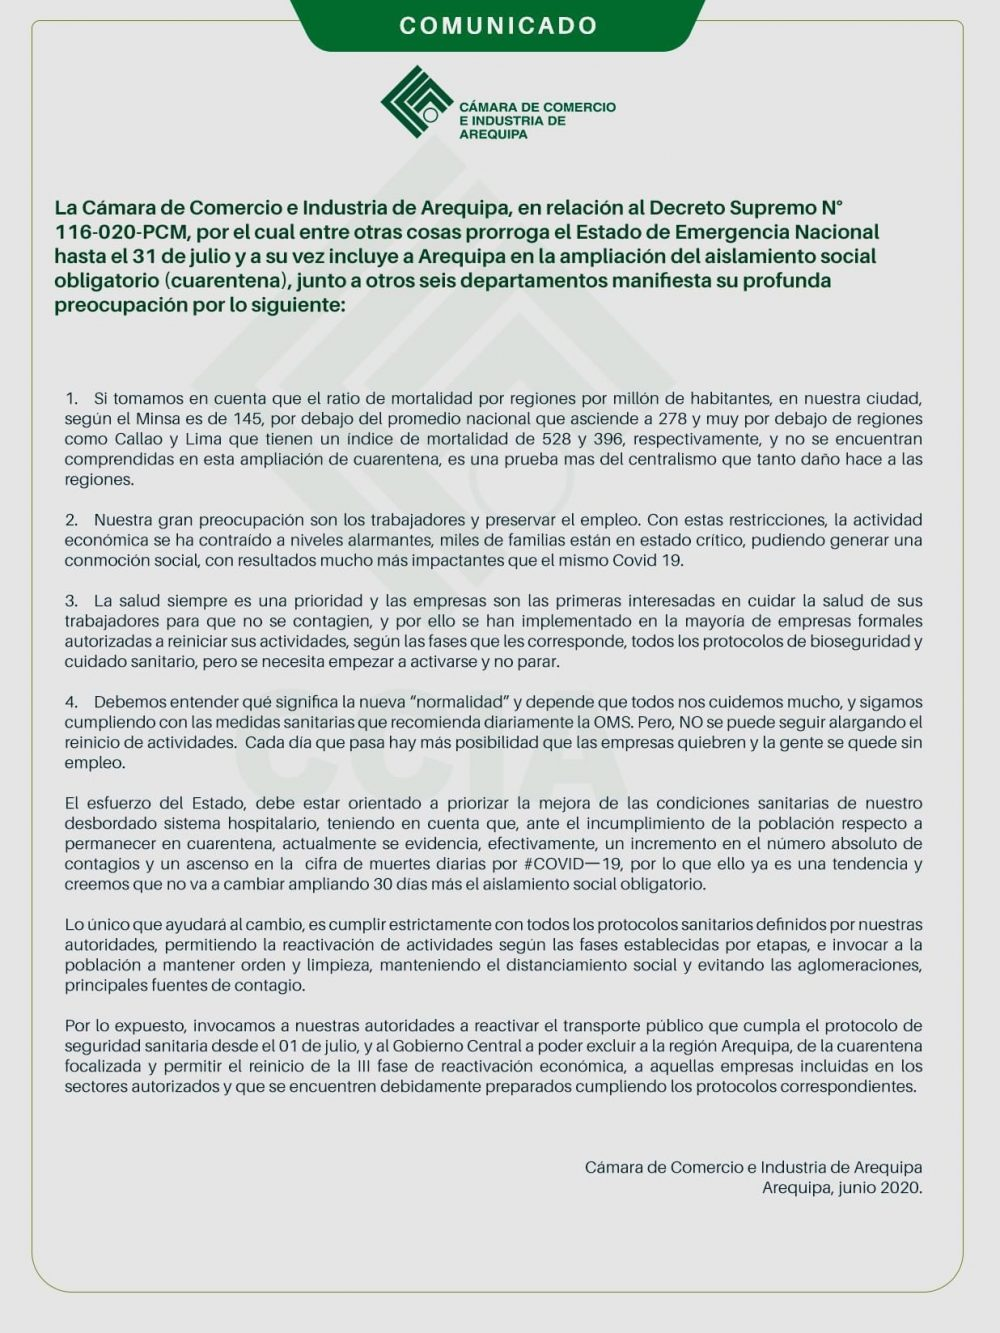 comunicado cámara de comercio e industria de Arequipa